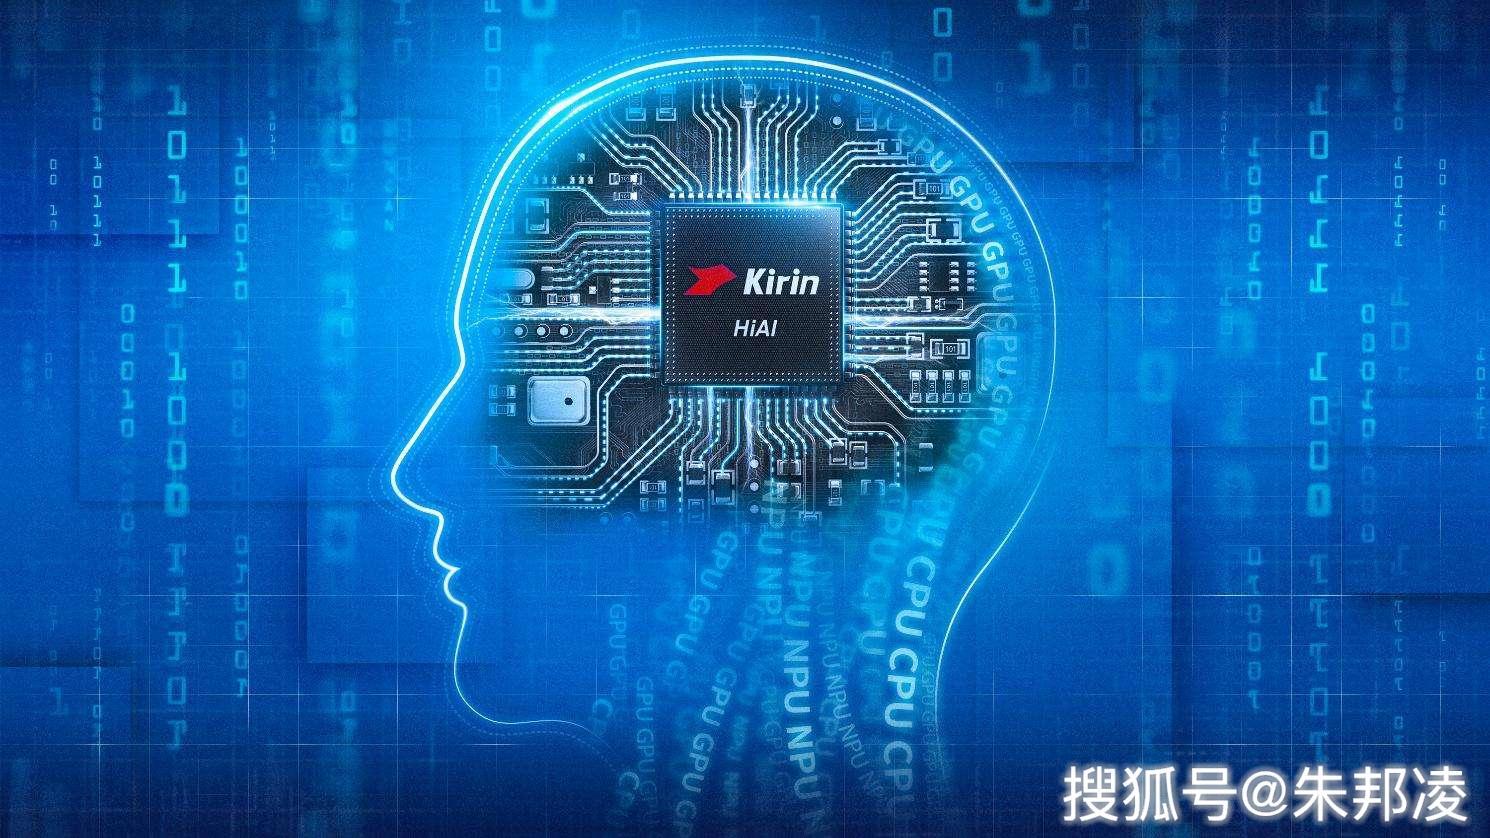 中科院院士:华为N腾910芯片,显著超过了美国谷歌等世界科技巨头!